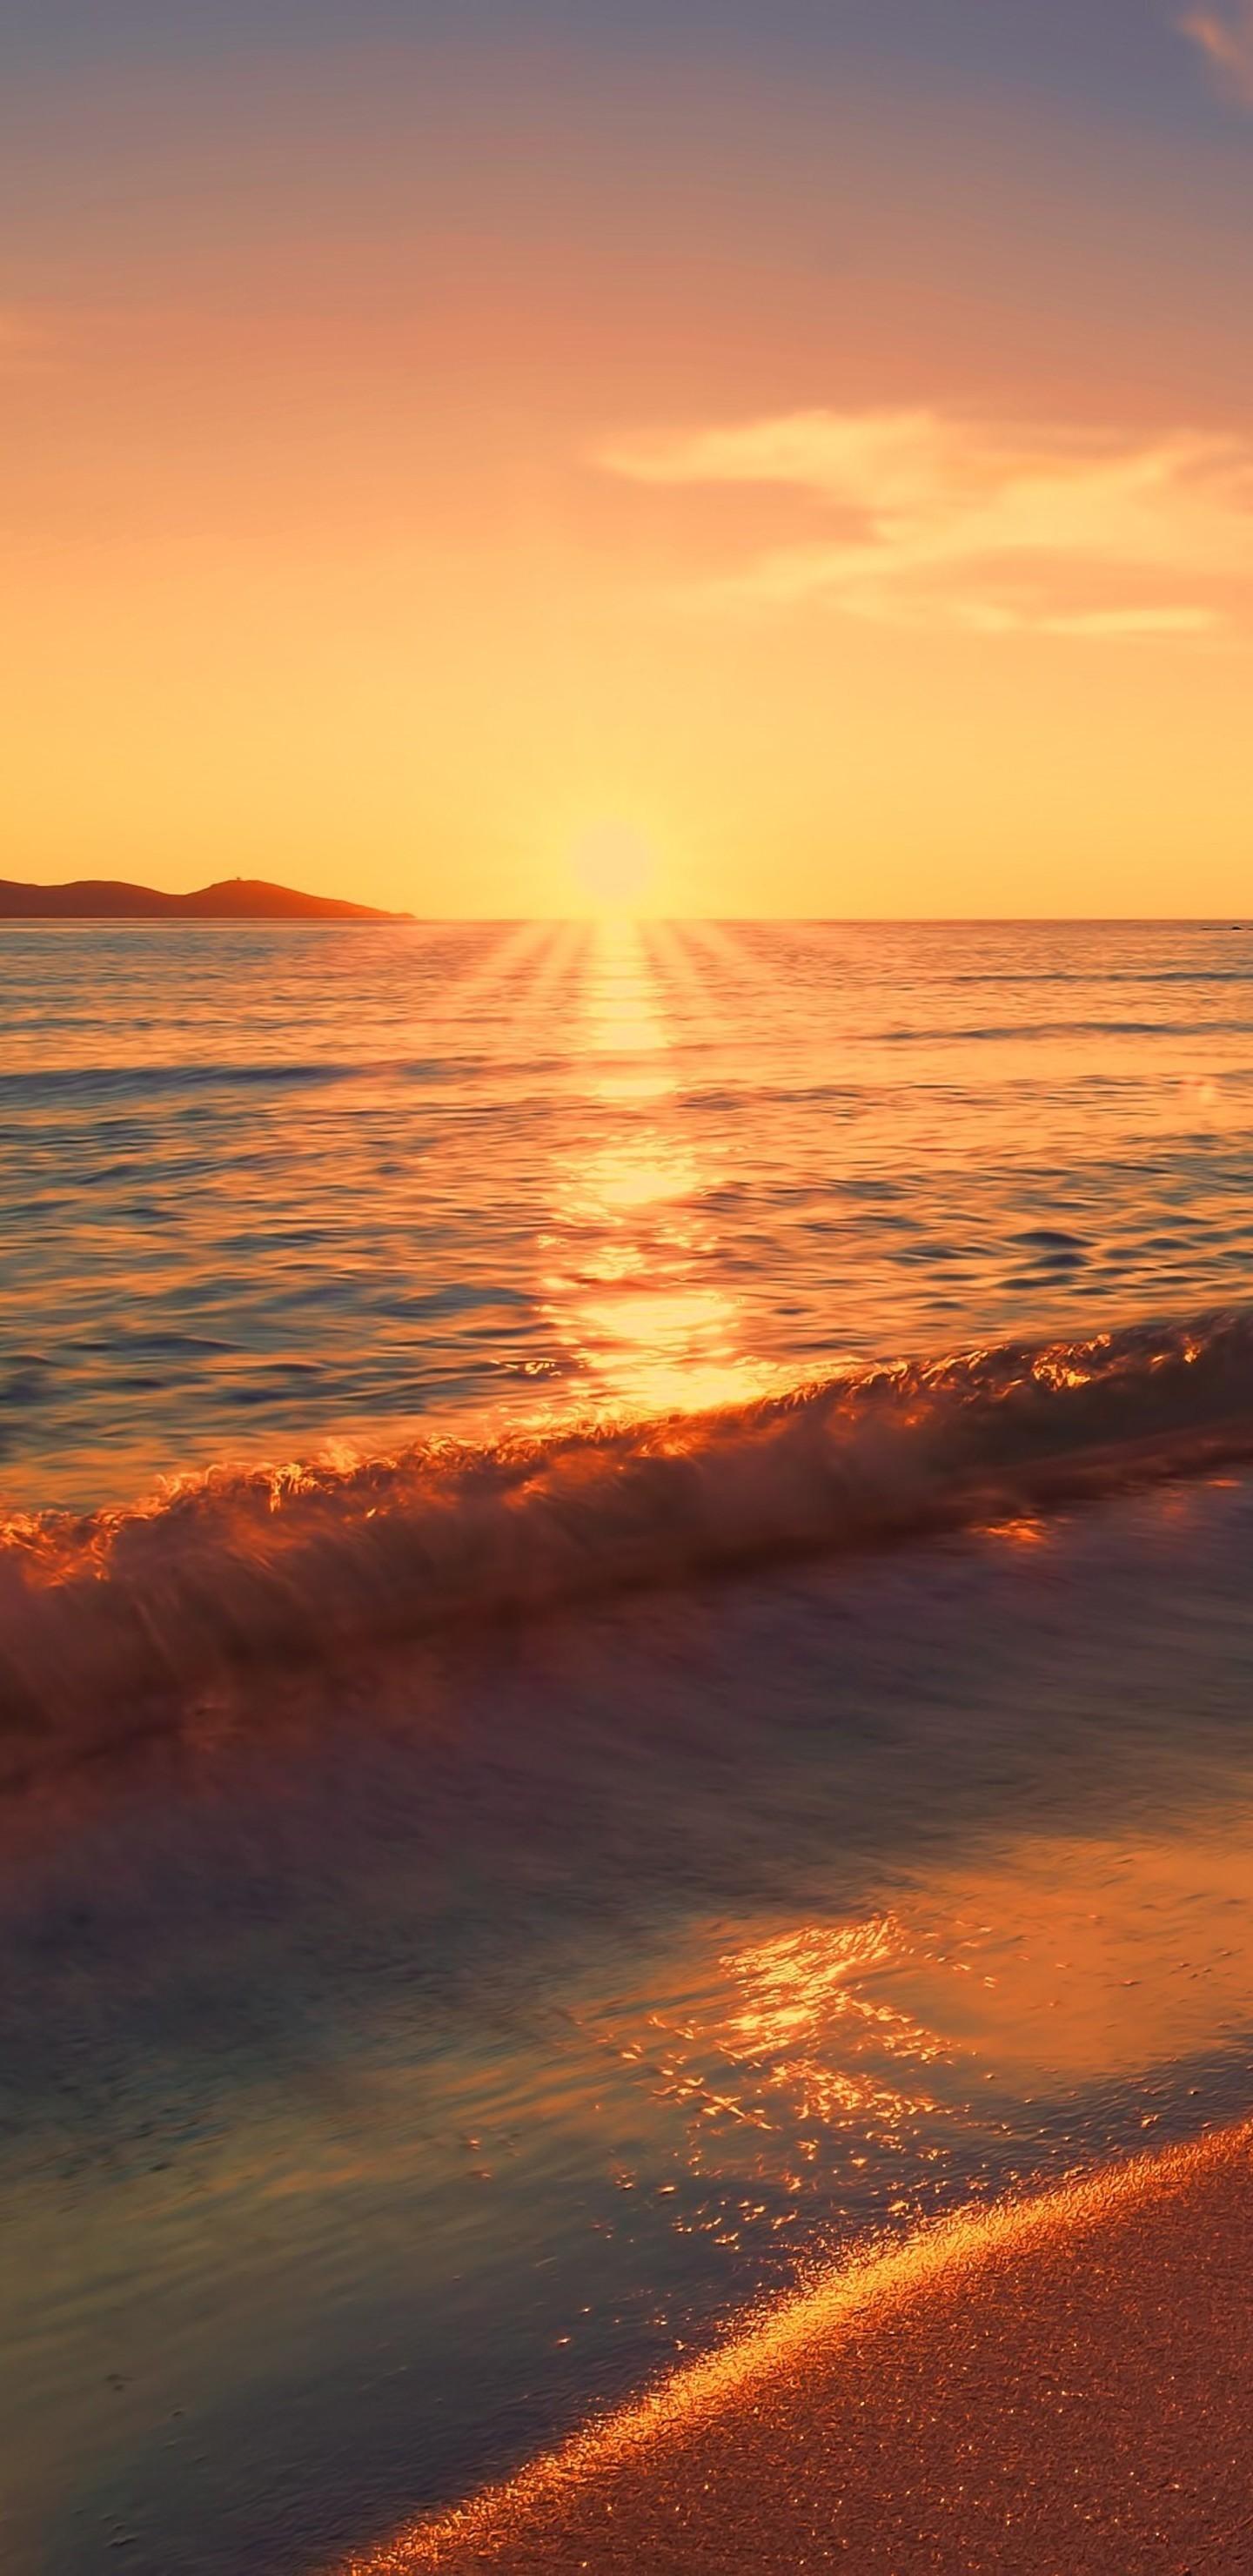 Res: 1440x2960, 1920x1080 Sunset Hd Wallpapers Group 85. Beach Sunset Wallpaper